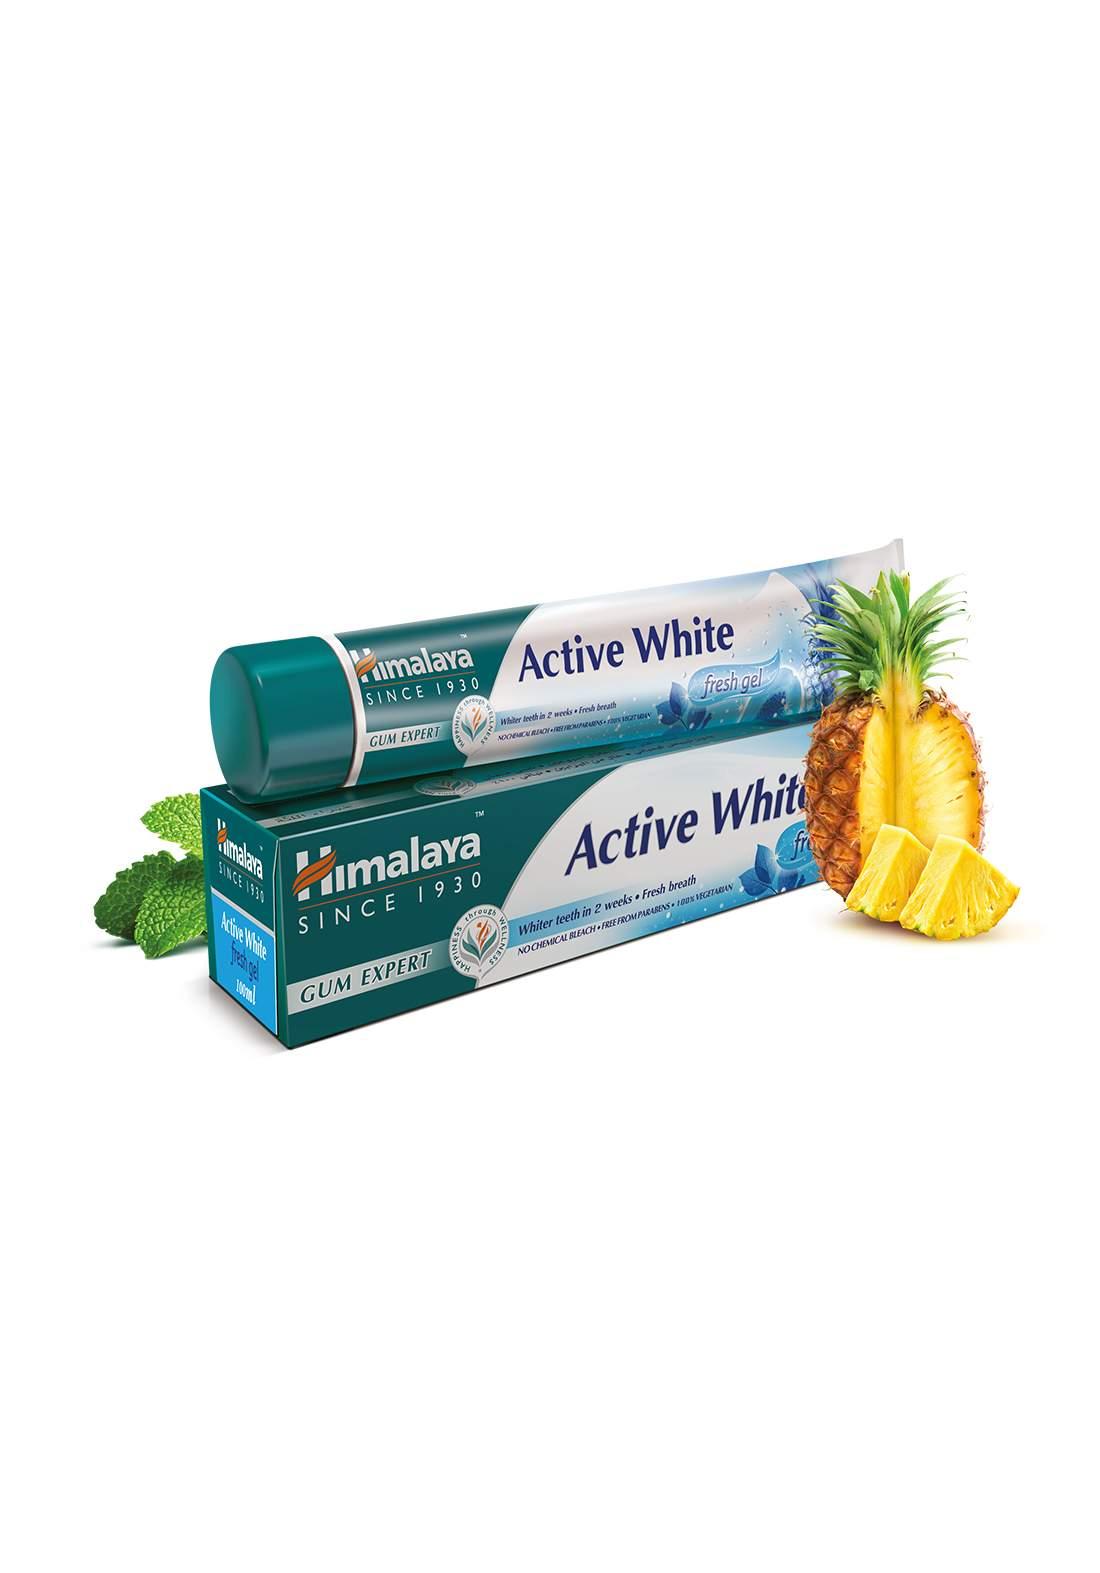 Toothpaste - Active White هيمالايا معجون أسنان بياض فعّال